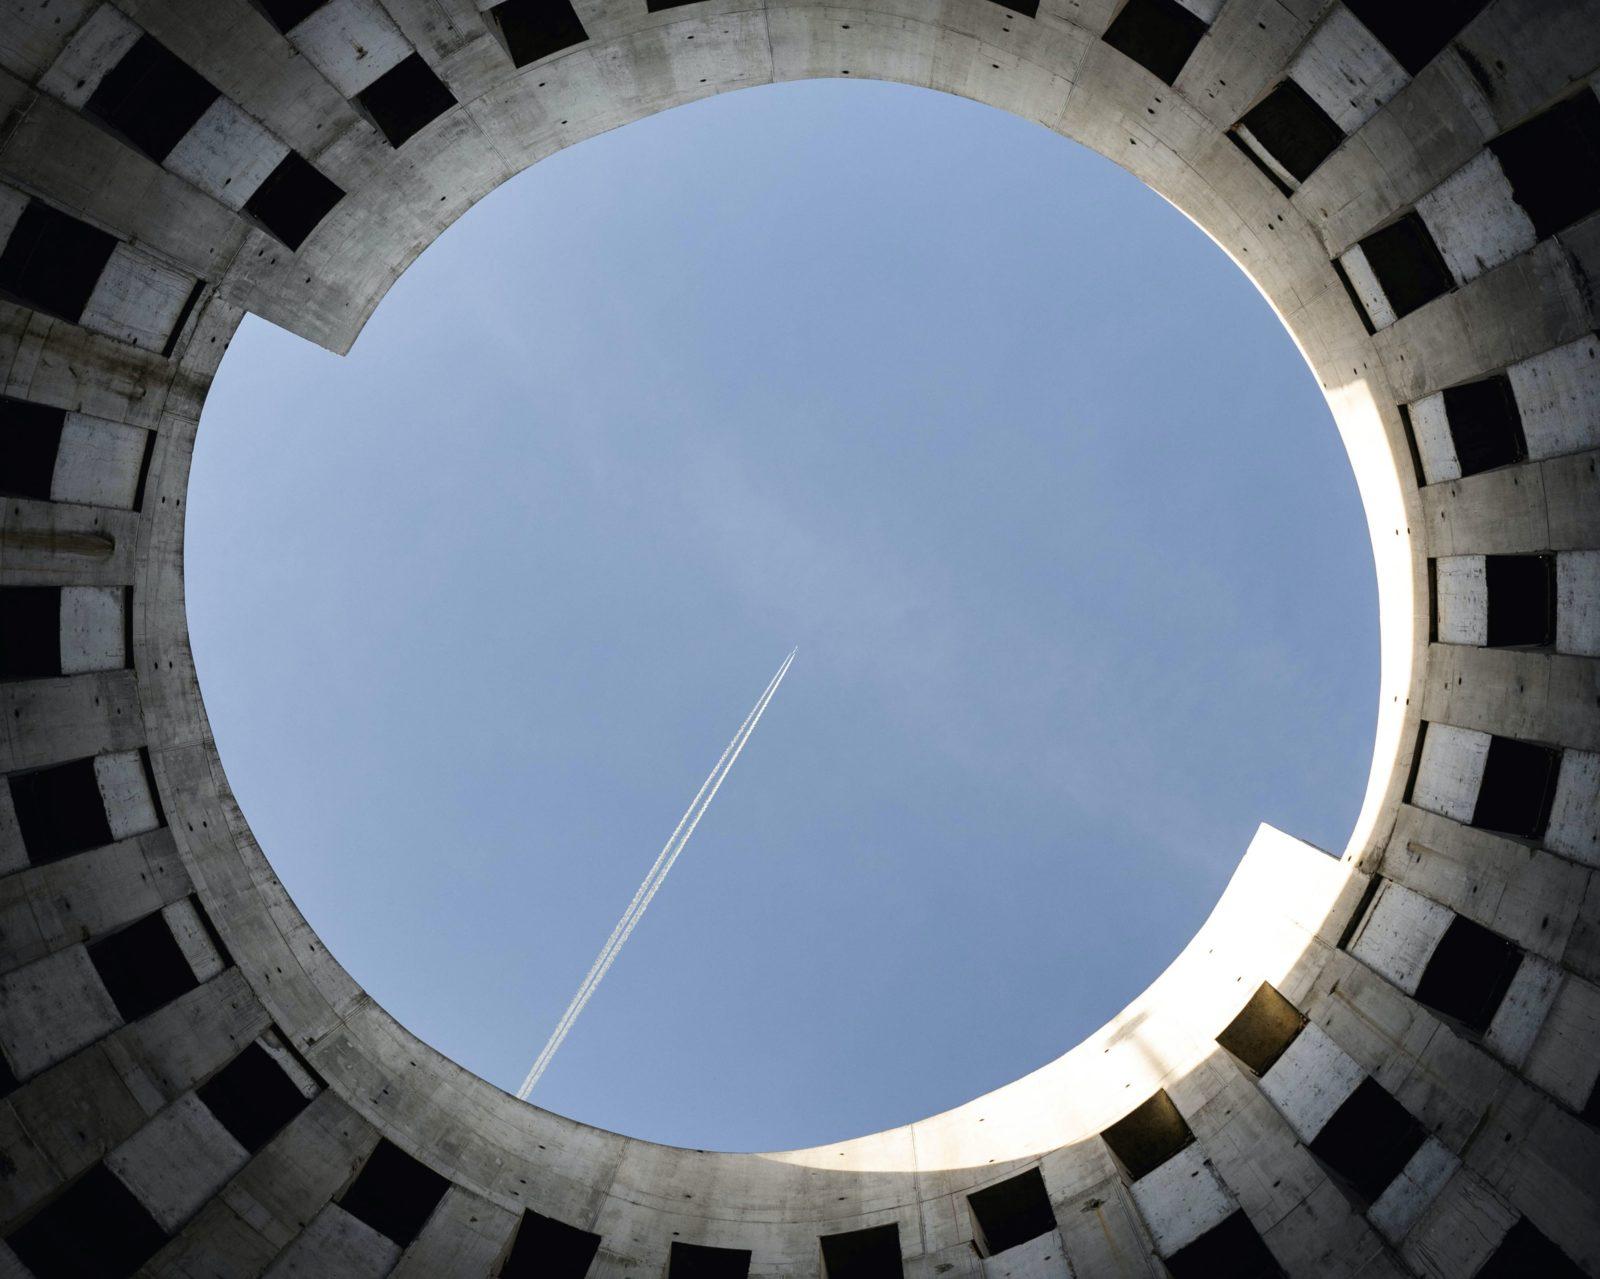 Vista Dal Basso Di Un Cerchio Con Un Aereo Nel Messo A Simboleggiare Come Il PNRR Abbia Centrato Il Punto Con Rifiuti Ed Economia Circolare